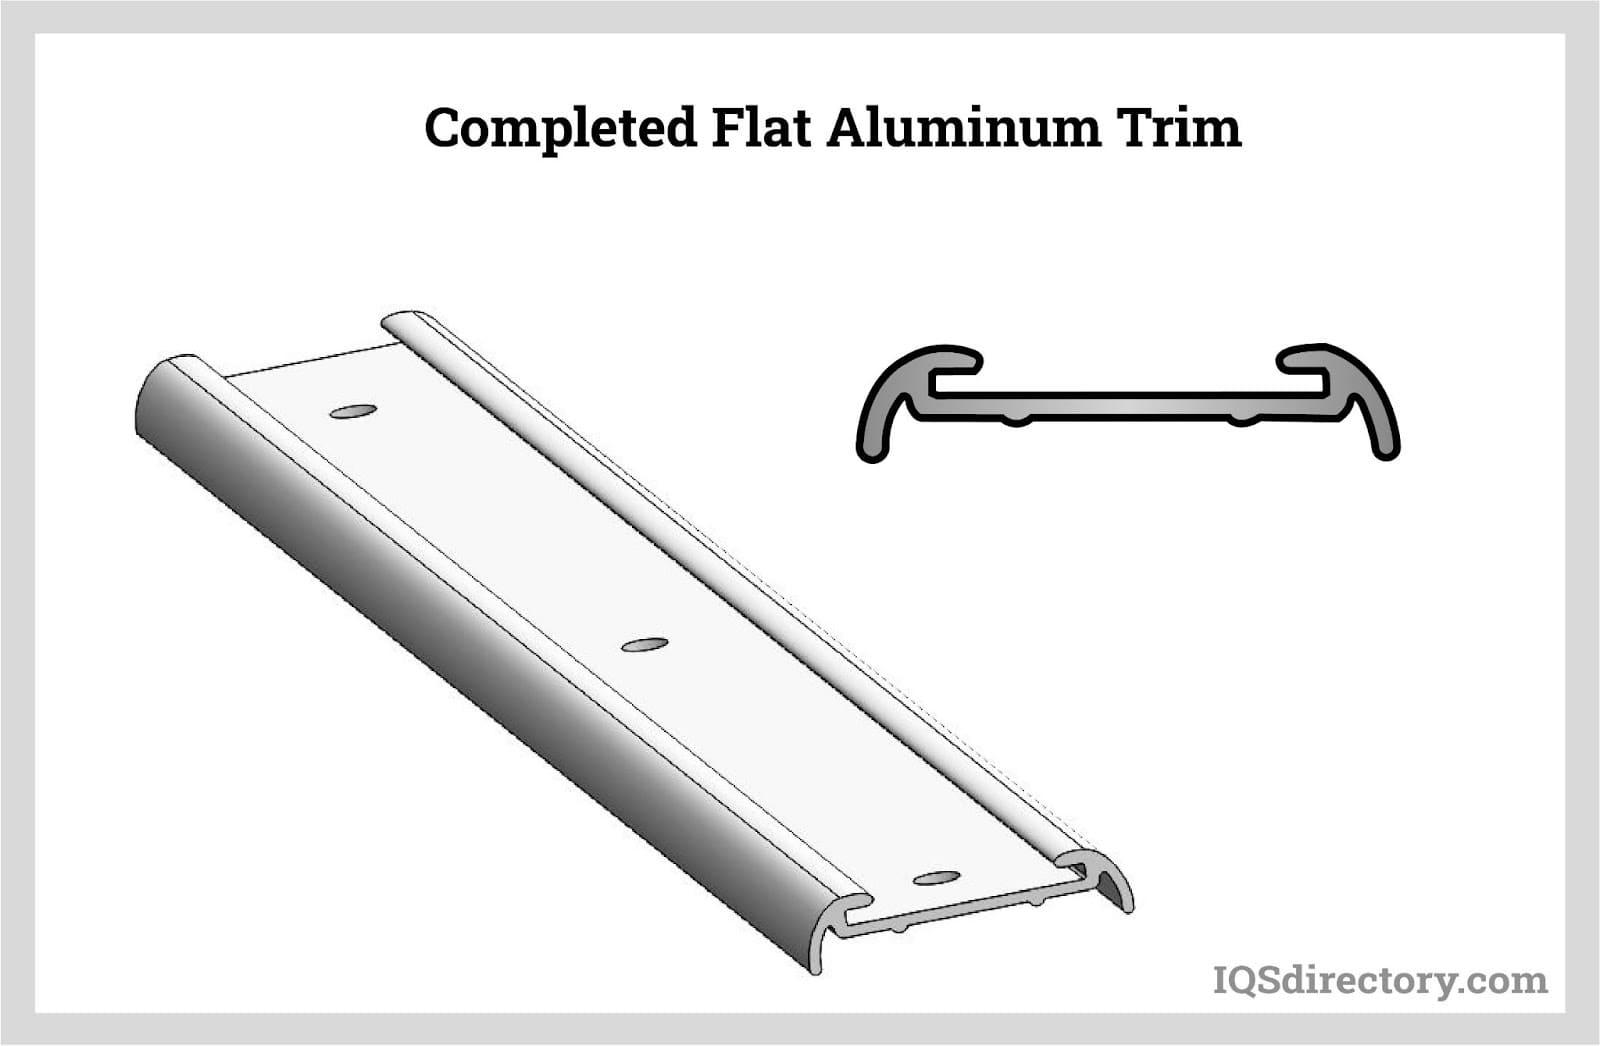 Completed Flat Aluminum Trim